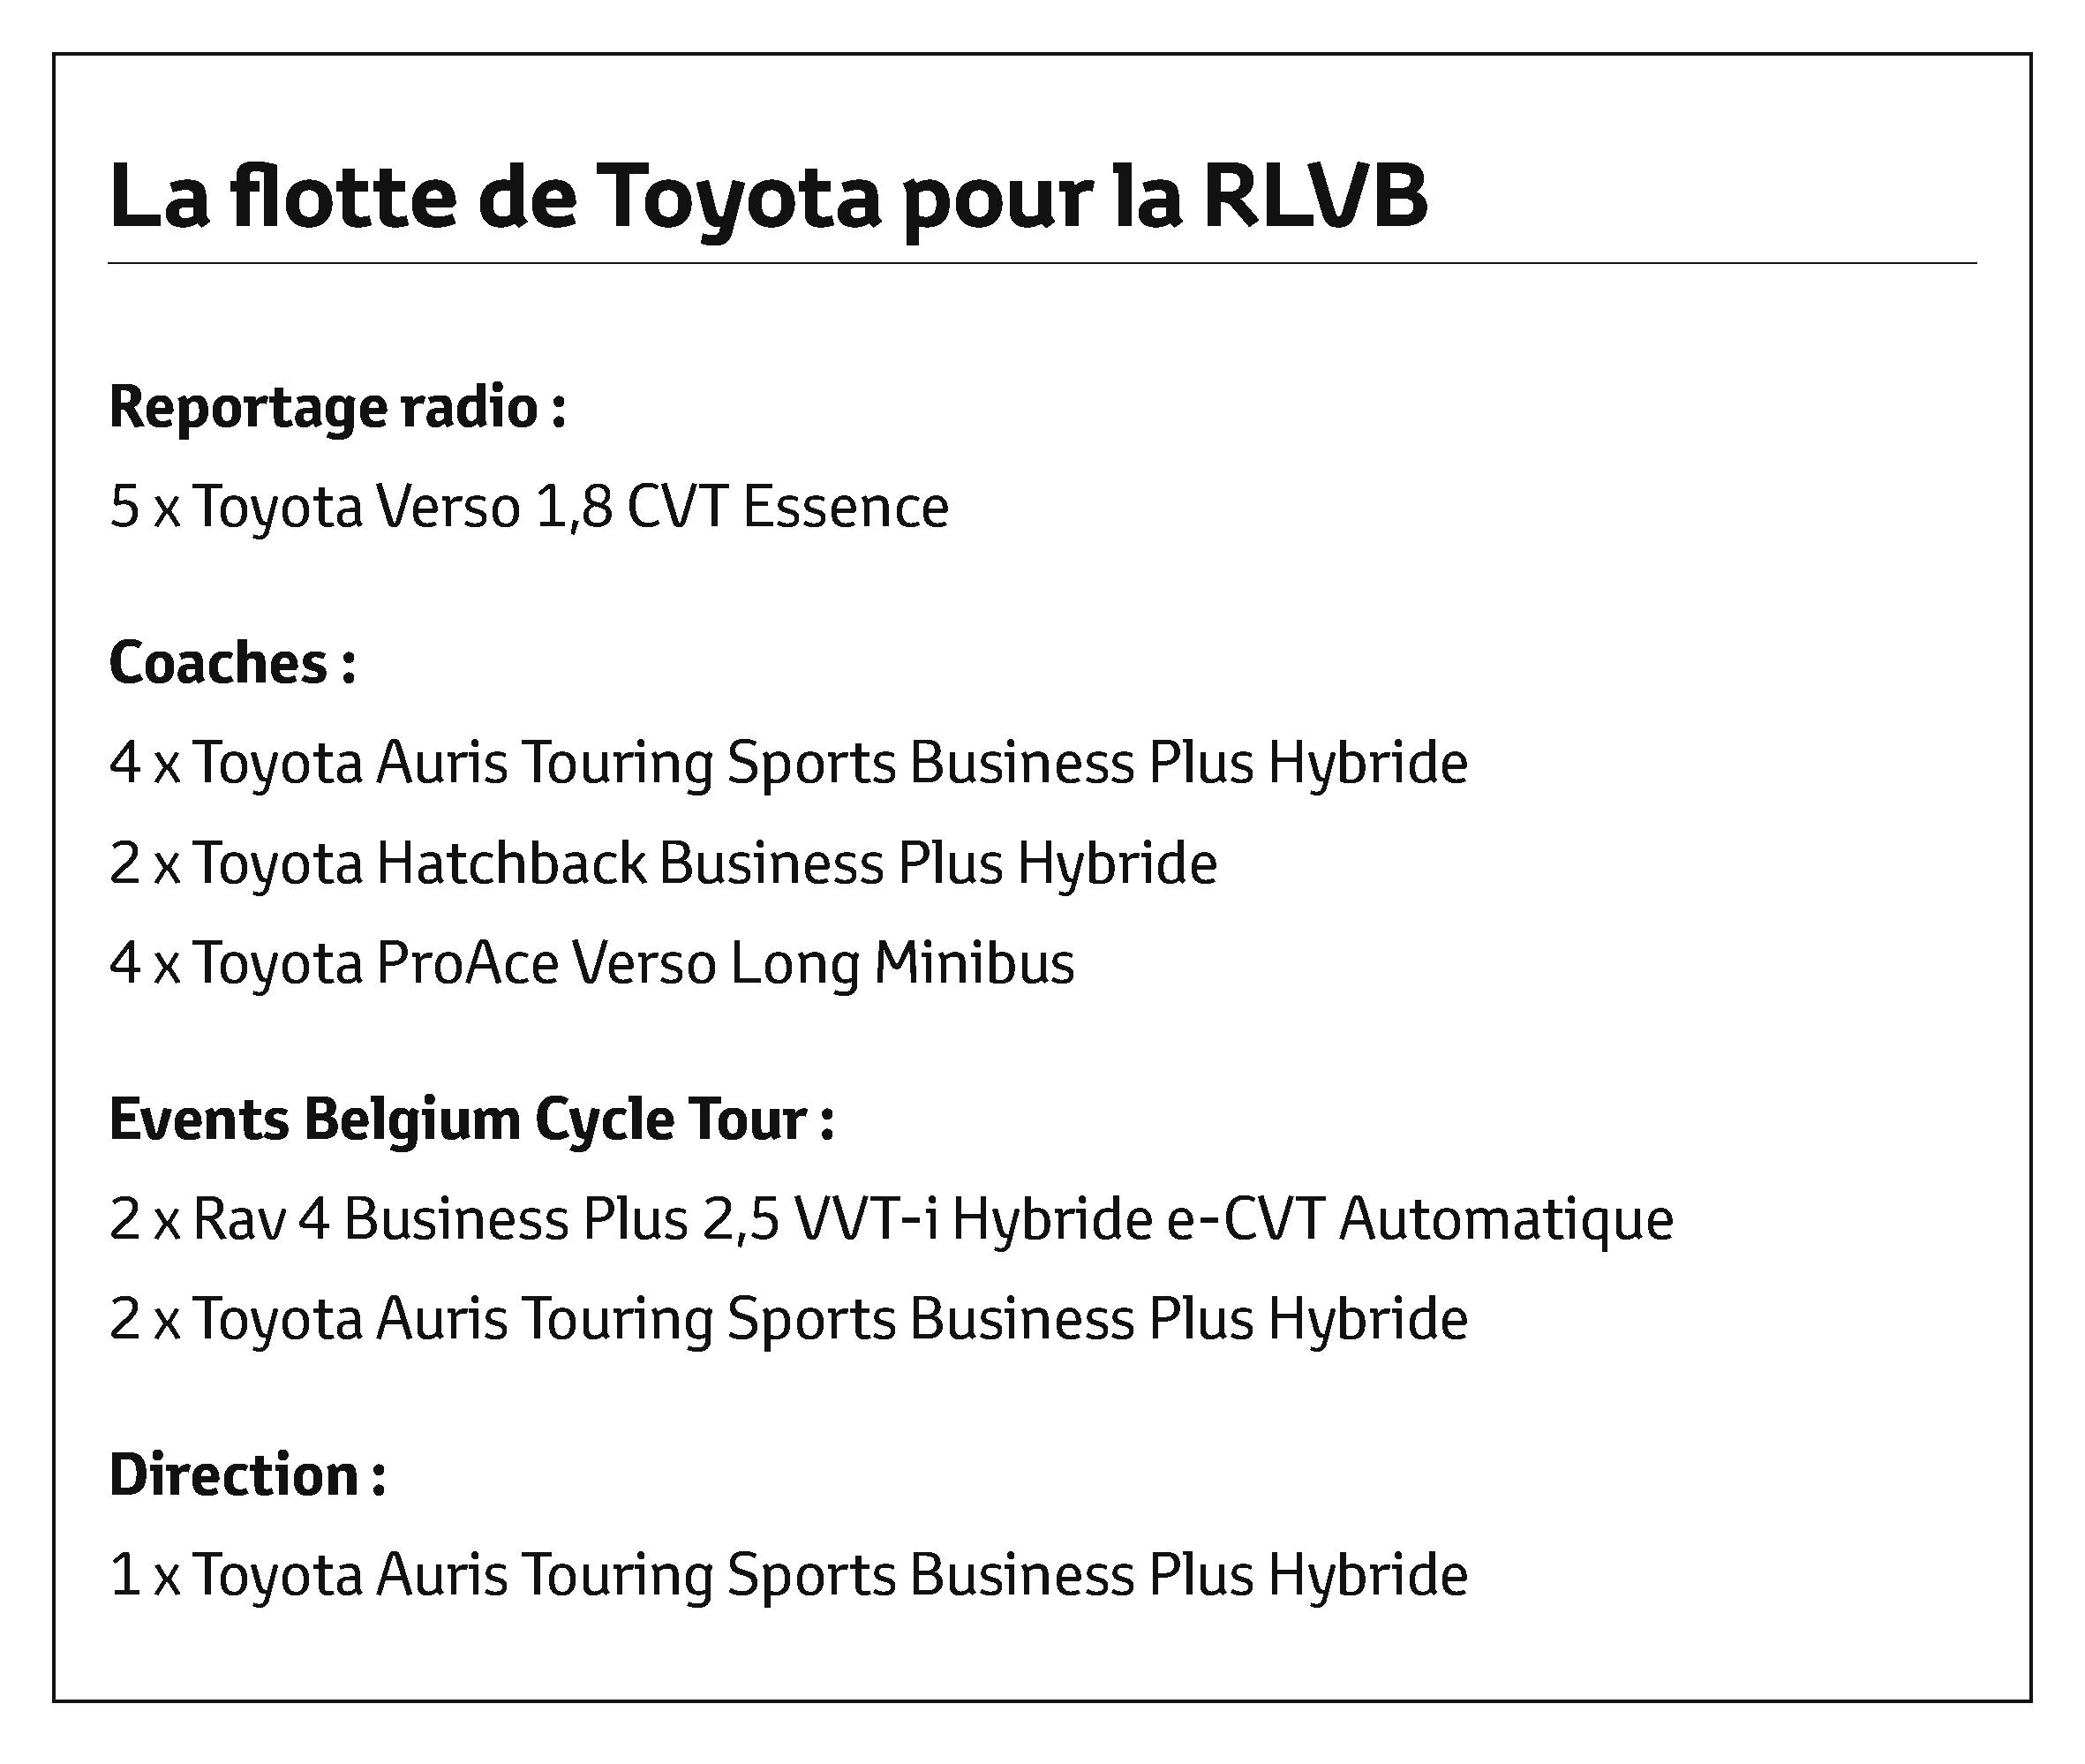 Toyota RLVB